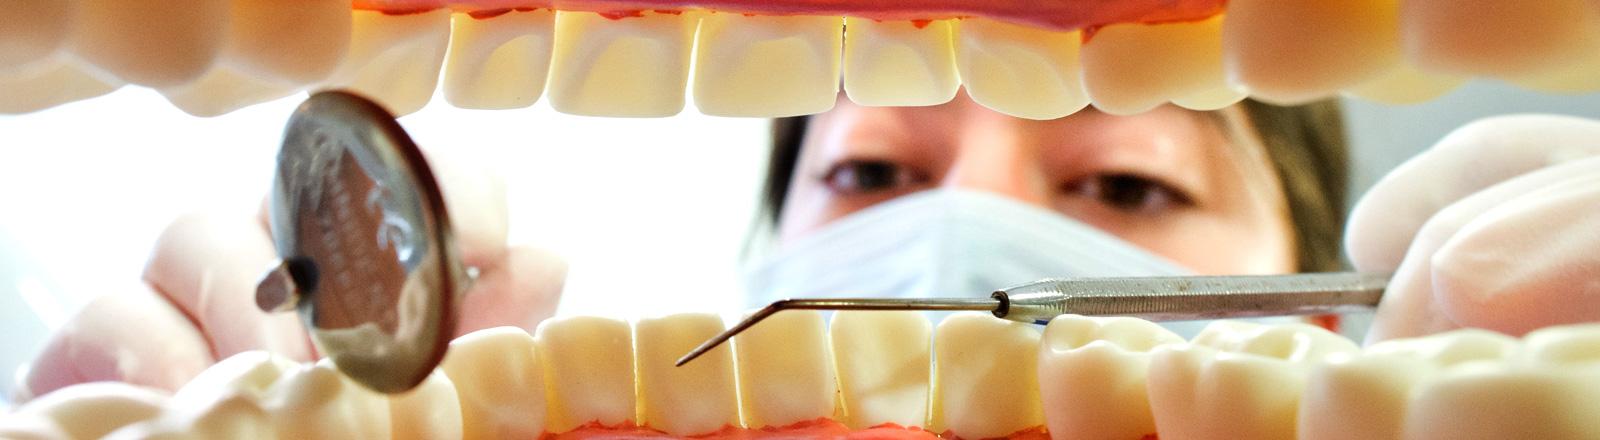 Eine Zahnarzthelferin posiert am 31.03.2014 in einer Zahnarztpraxis in Hannover (Niedersachsen) hinter einem künstlichen, überdimensioniertem Gebiss